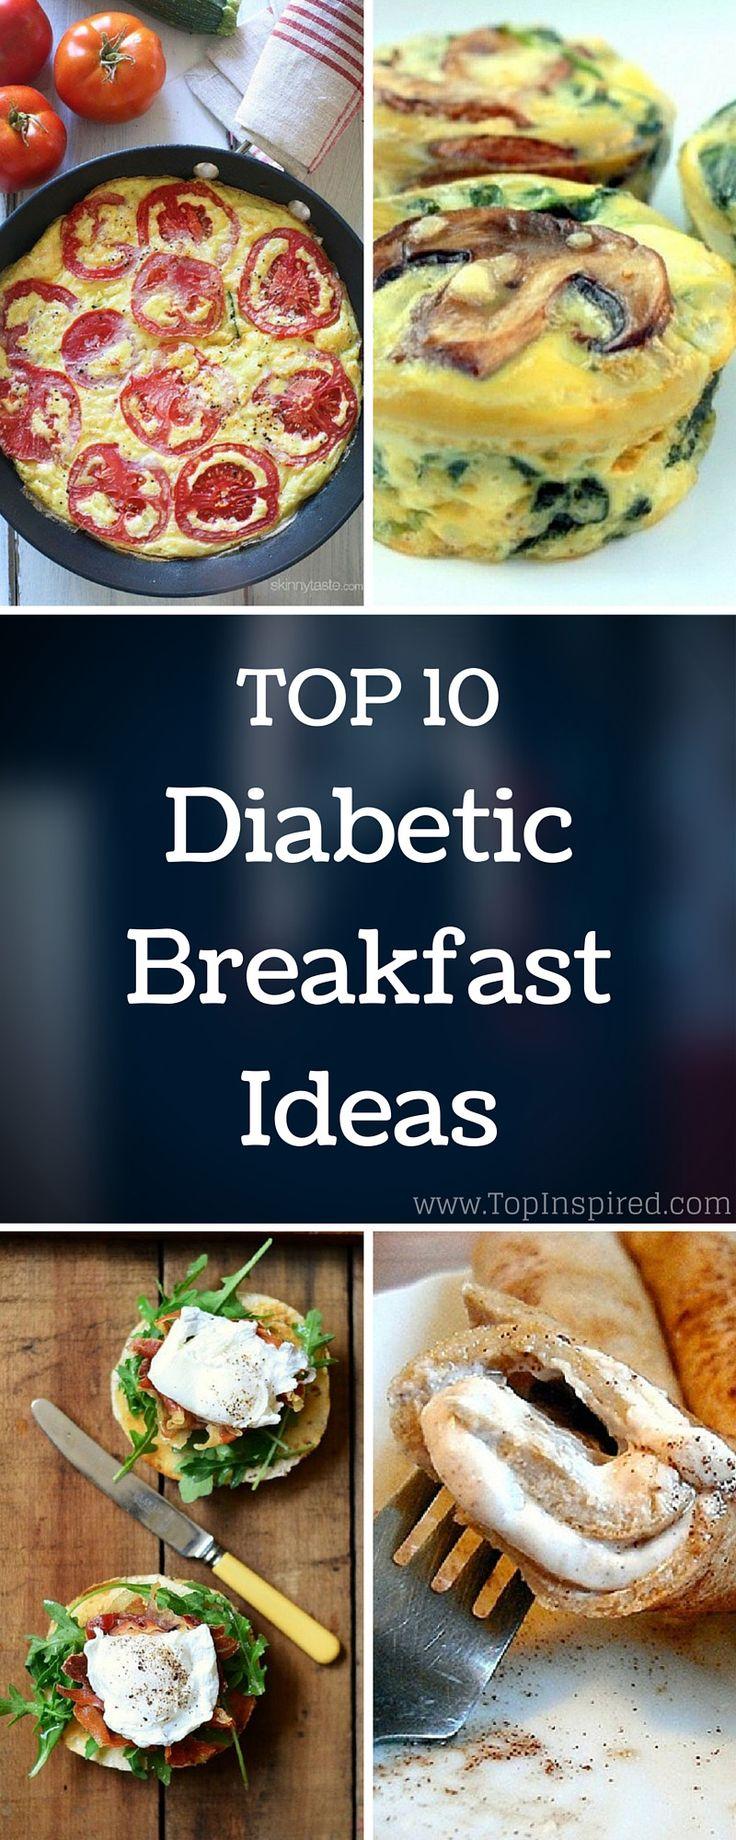 Best Diabetic Breakfast Ideas #Diabetic